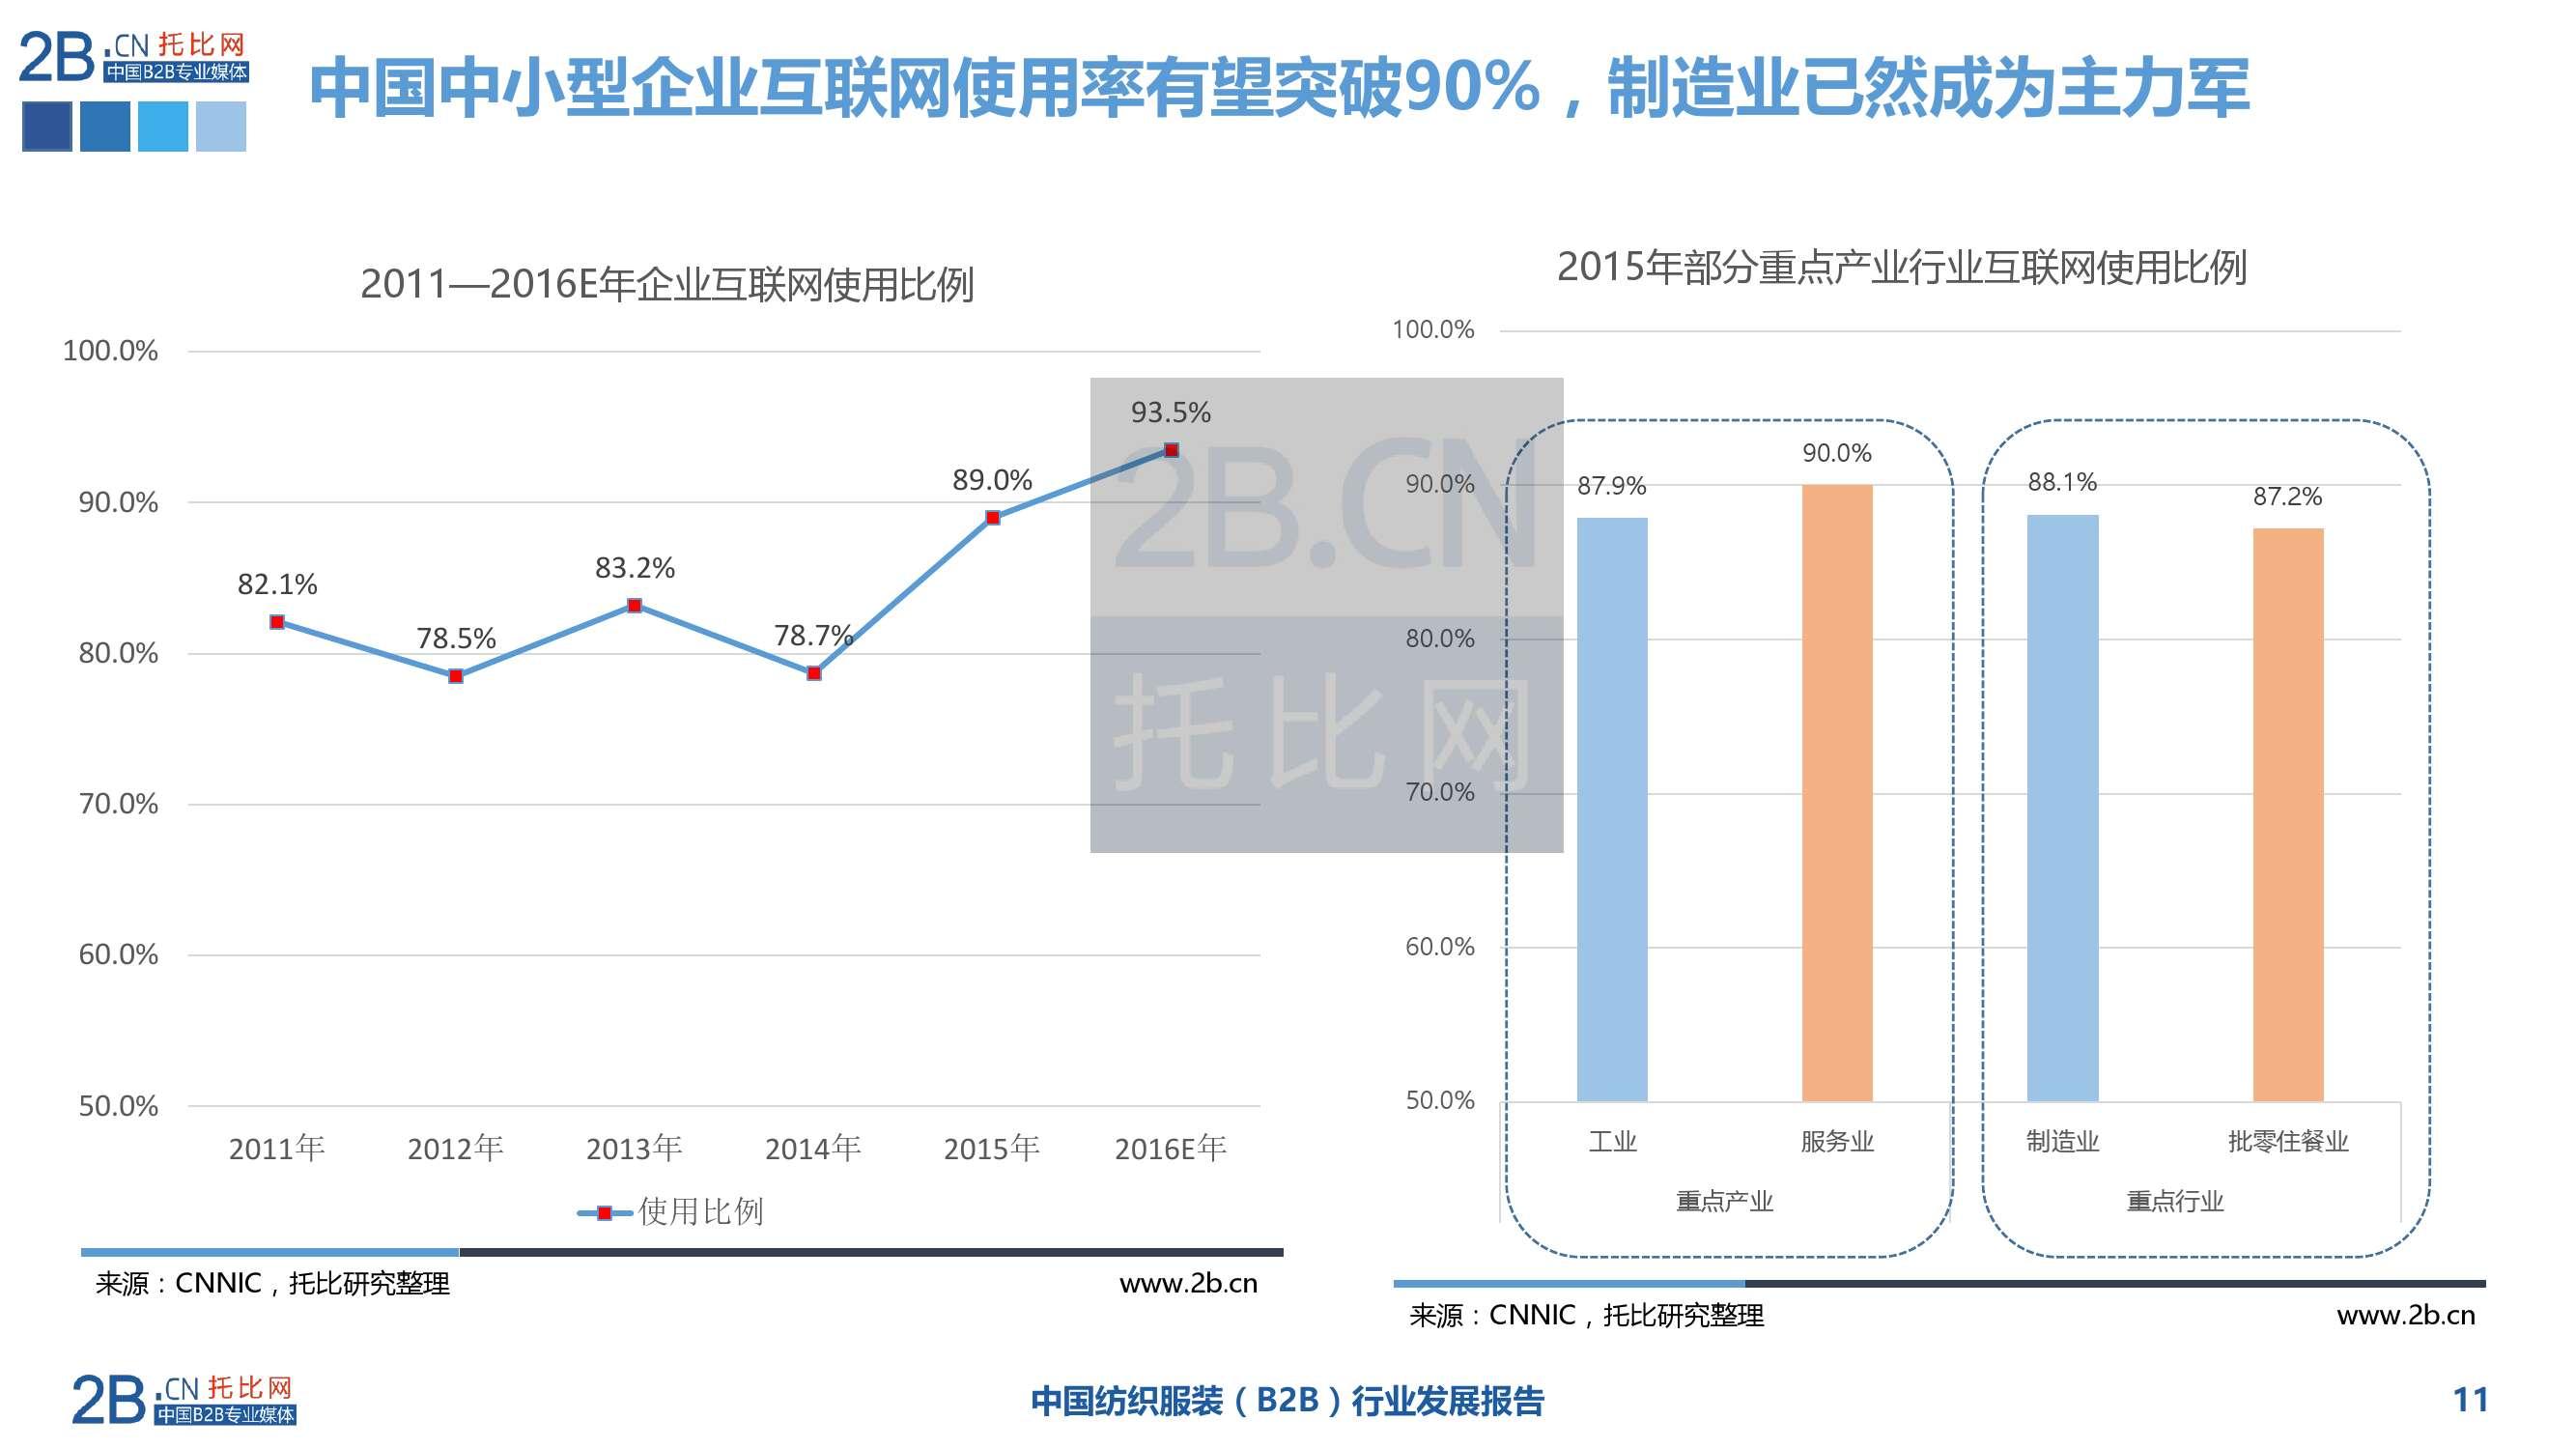 2015年中国纺织服装B2B行业发展报告_000011